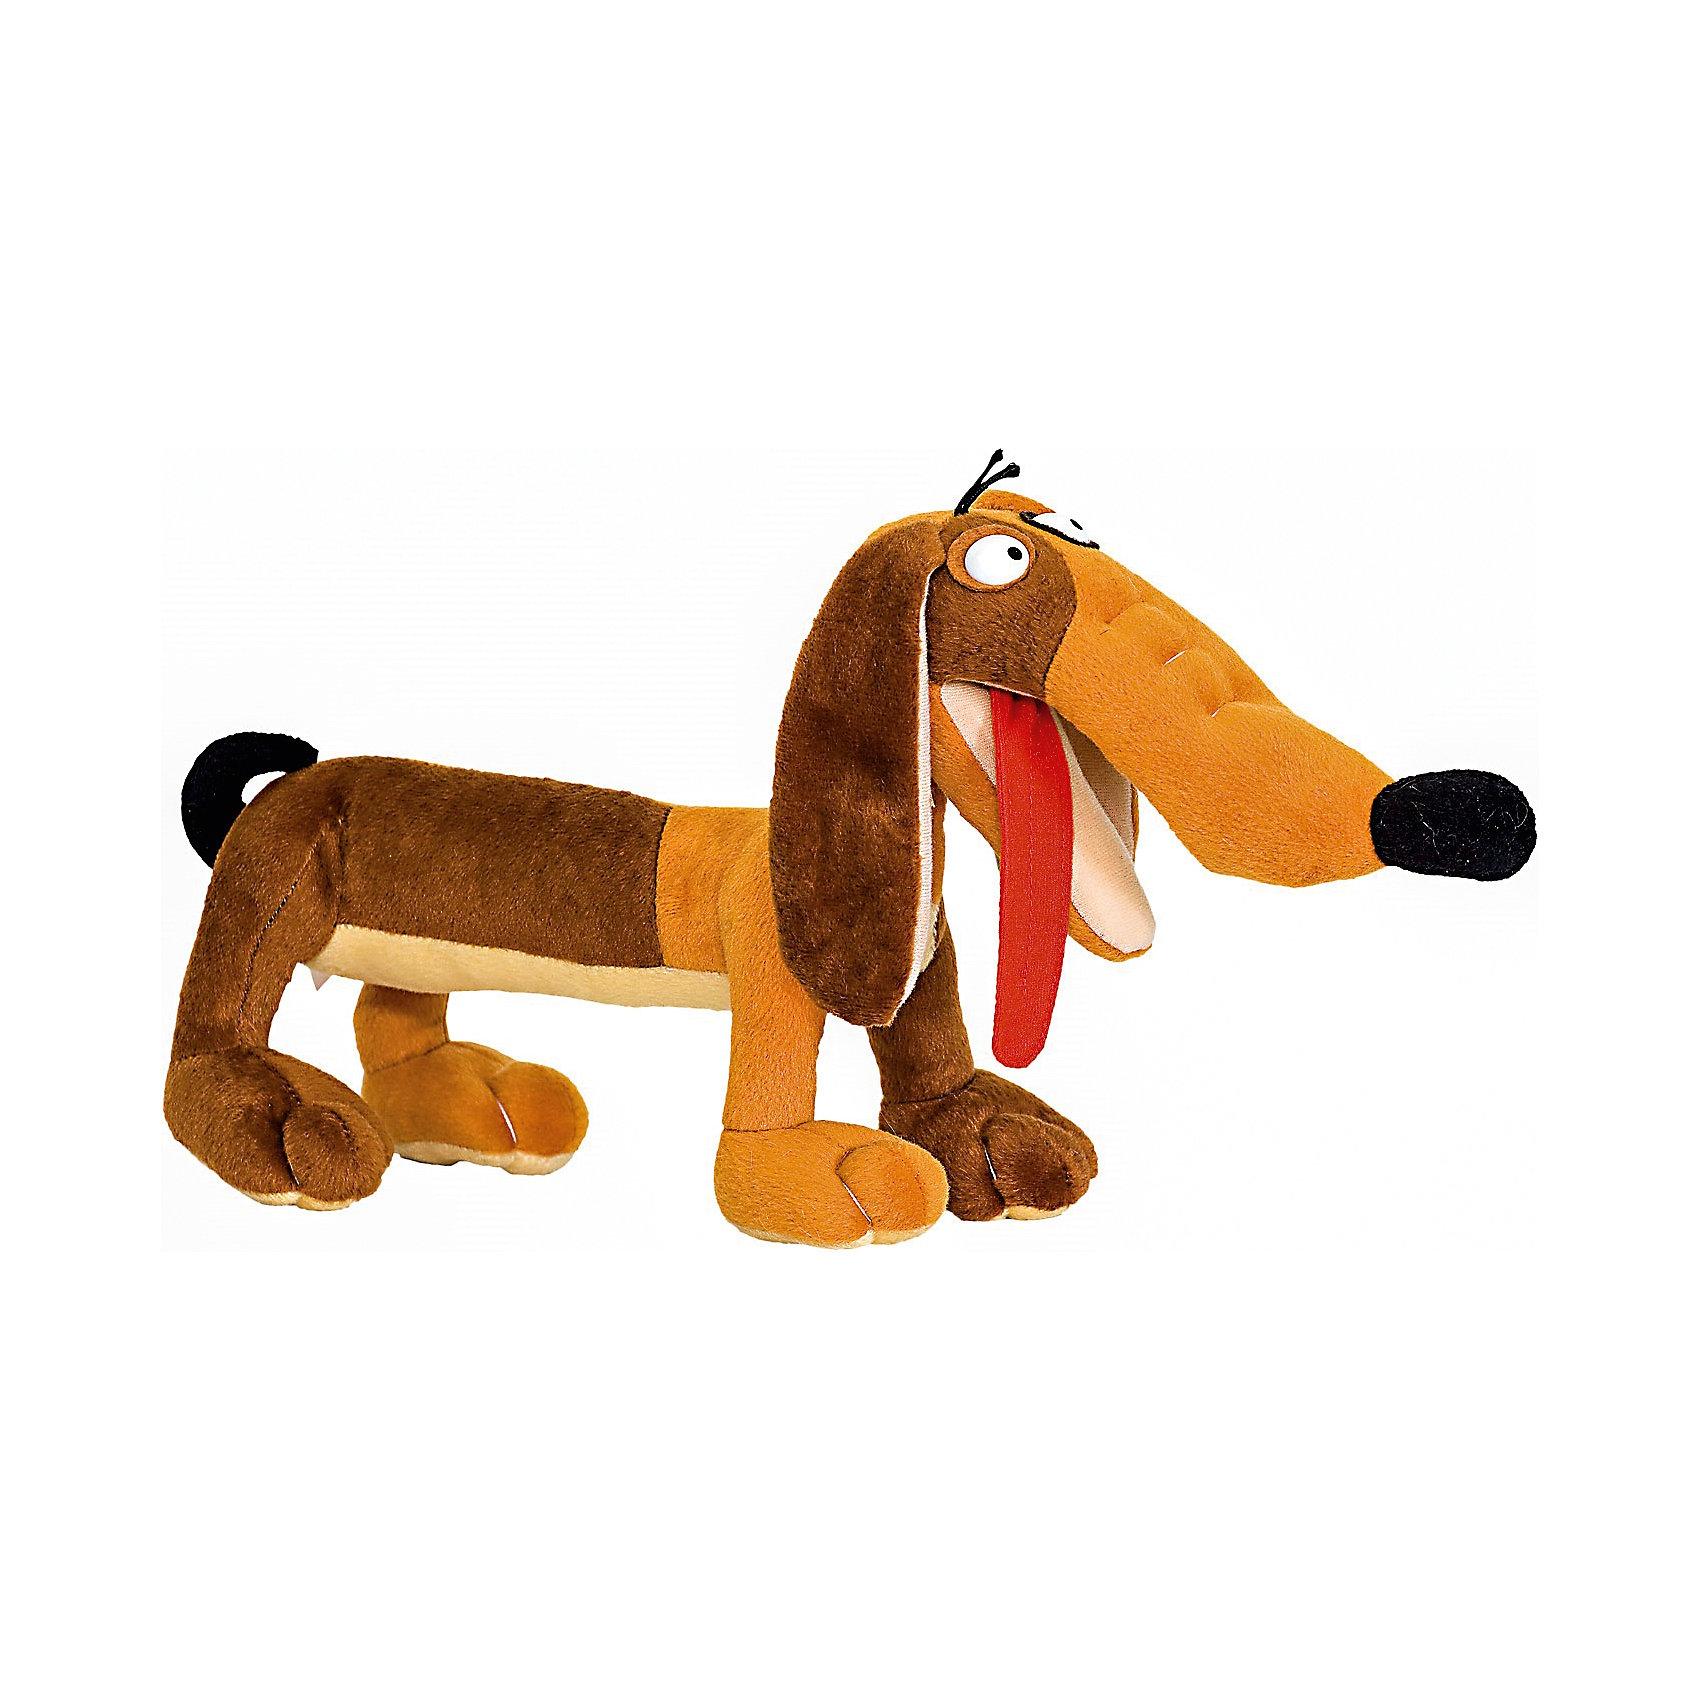 Мягкая игрушка Собака такса, FancyКошки и собаки<br>Характеристики:<br><br>• высота игрушки: 44 см;<br>• тип игрушки: мягконабивная;<br>• материал: текстиль, синтетический наполнитель. <br><br>Длинная такса на коротких лапках любит прогулки. Мягкая игрушка Такса с высунутым языком поднимает настроение, собаку можно использовать как подушечку под голову – напоминает валик. Игрушки Fancy изготовлены из гипоаллергенных материалов. <br><br>Мягкую игрушку Собака такса, Fancy можно купить в нашем магазине.<br><br>Ширина мм: 440<br>Глубина мм: 150<br>Высота мм: 210<br>Вес г: 270<br>Возраст от месяцев: 36<br>Возраст до месяцев: 2147483647<br>Пол: Унисекс<br>Возраст: Детский<br>SKU: 5269001